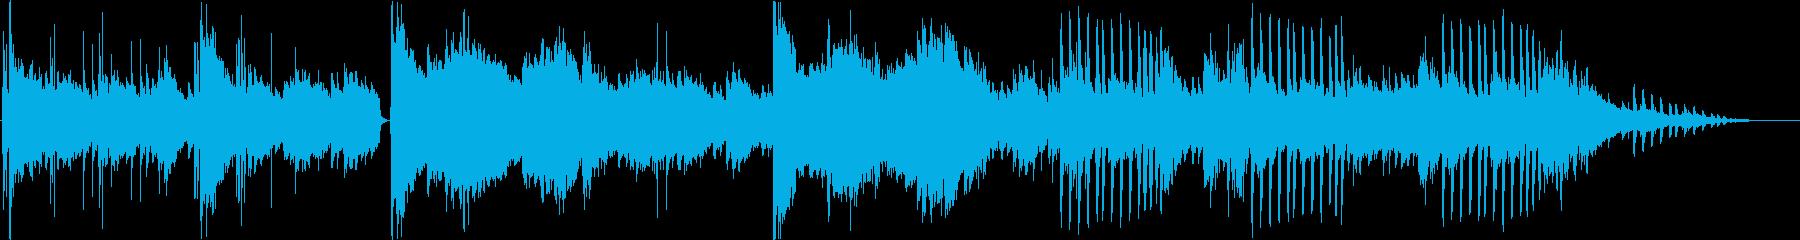 自然、森の中にいるようなBGMの再生済みの波形